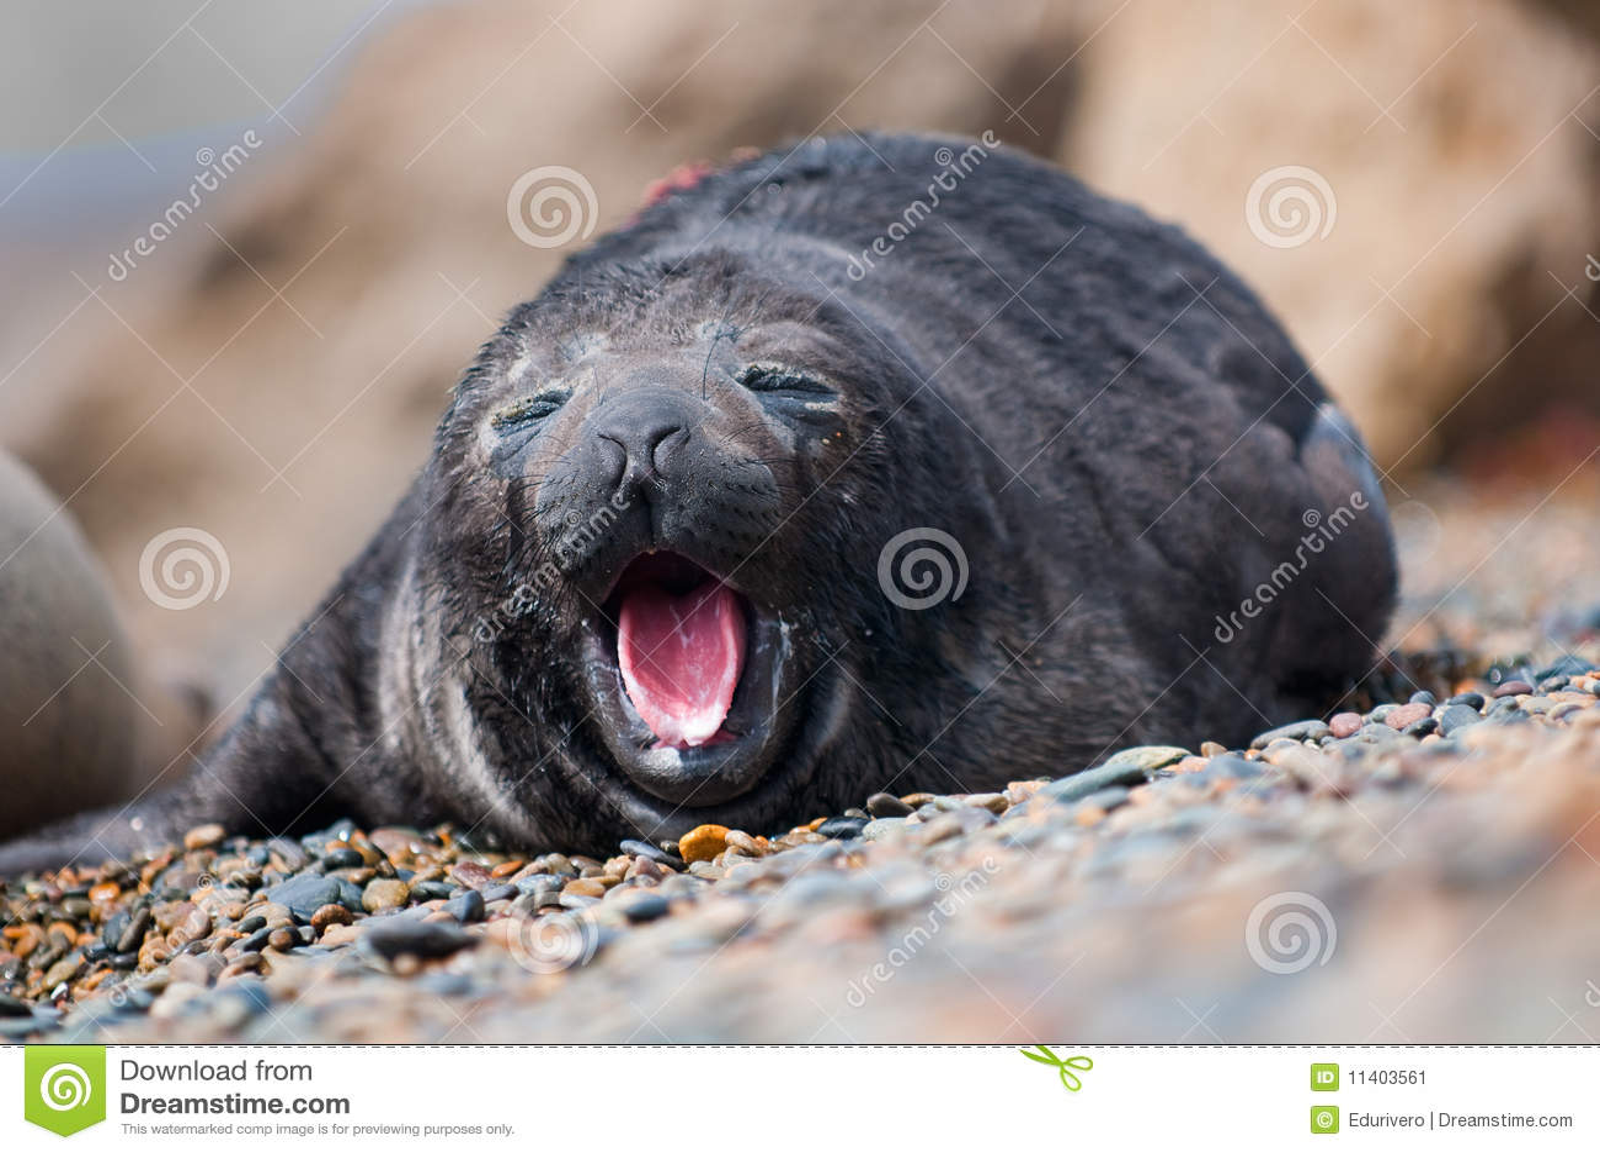 Baby Seal Yawning